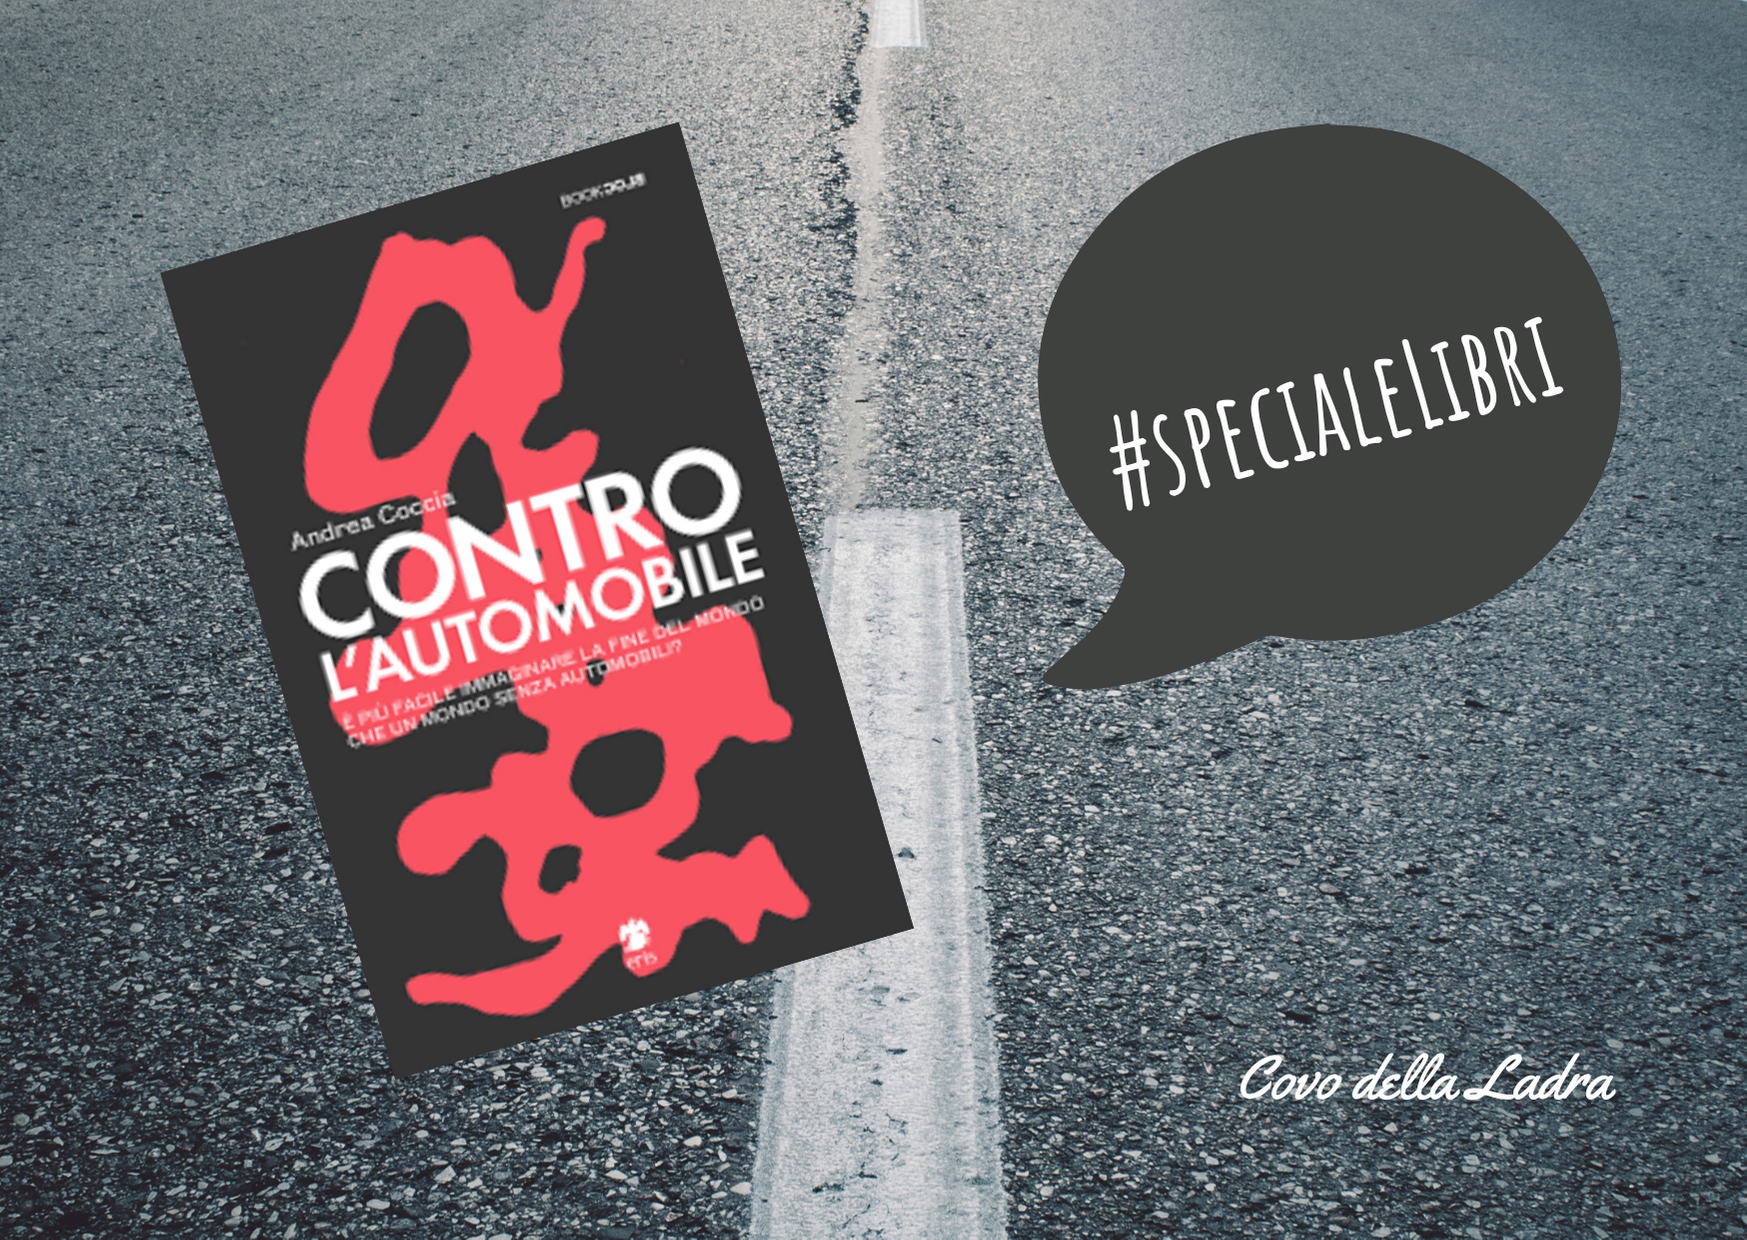 Contro l'automobile: intervista a Andrea Coccia